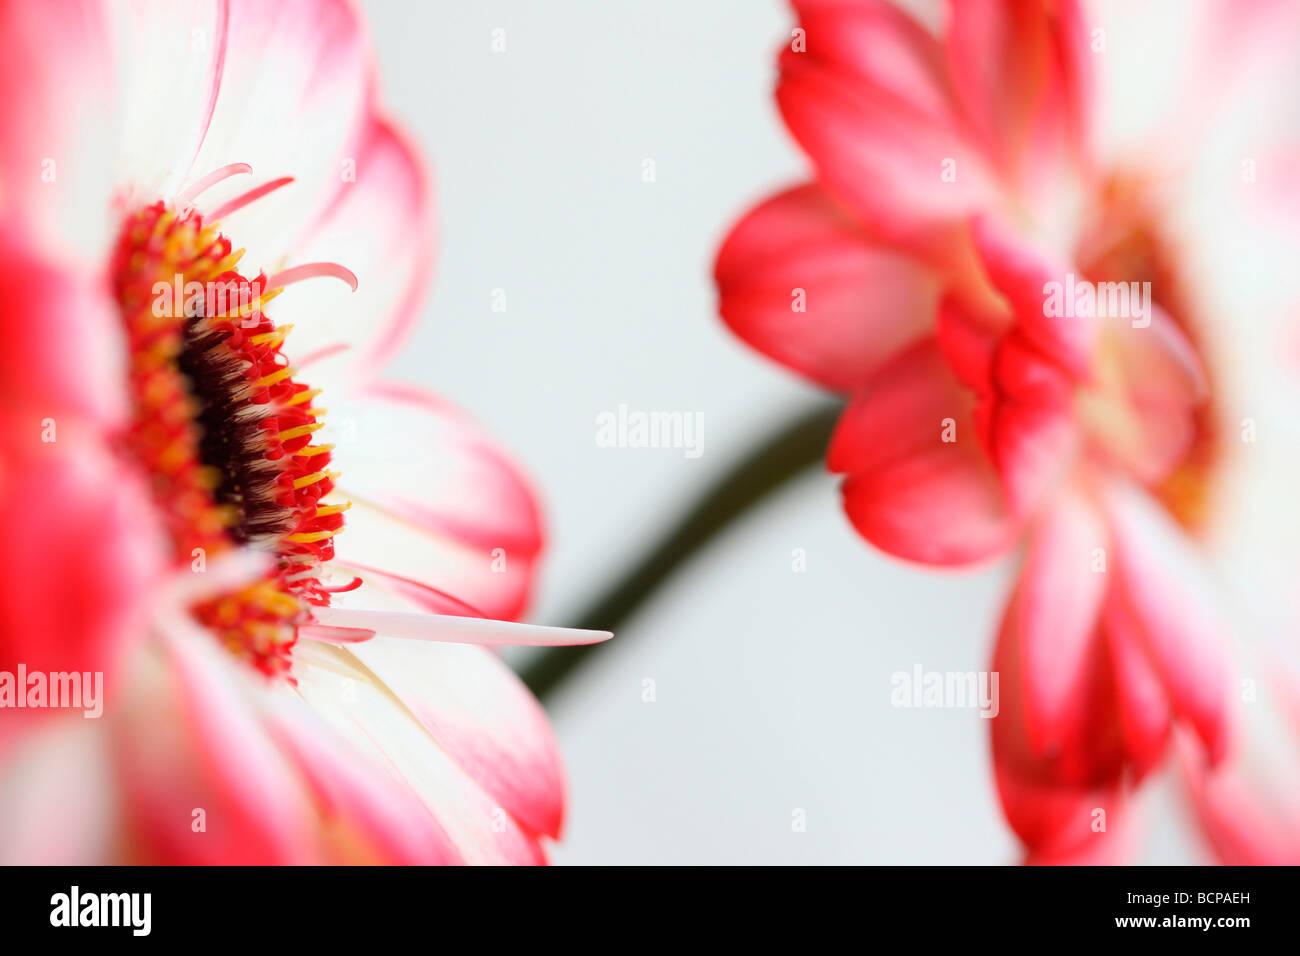 Frais et pur d'une image contemporaine à pointe rouge des gerberas fine art photography Photographie Jane Photo Stock